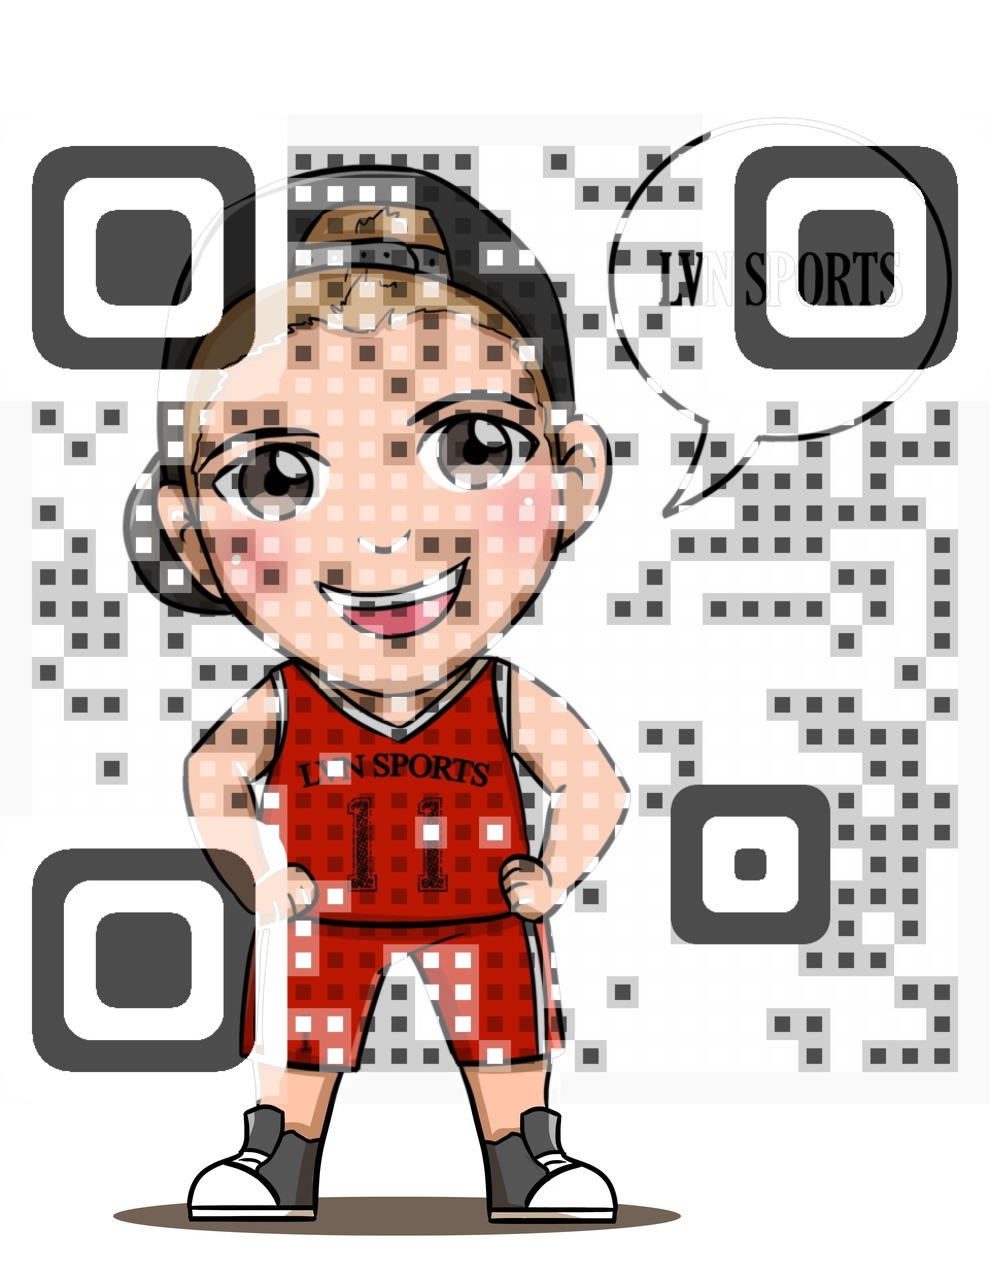 LVN Sports QR Code